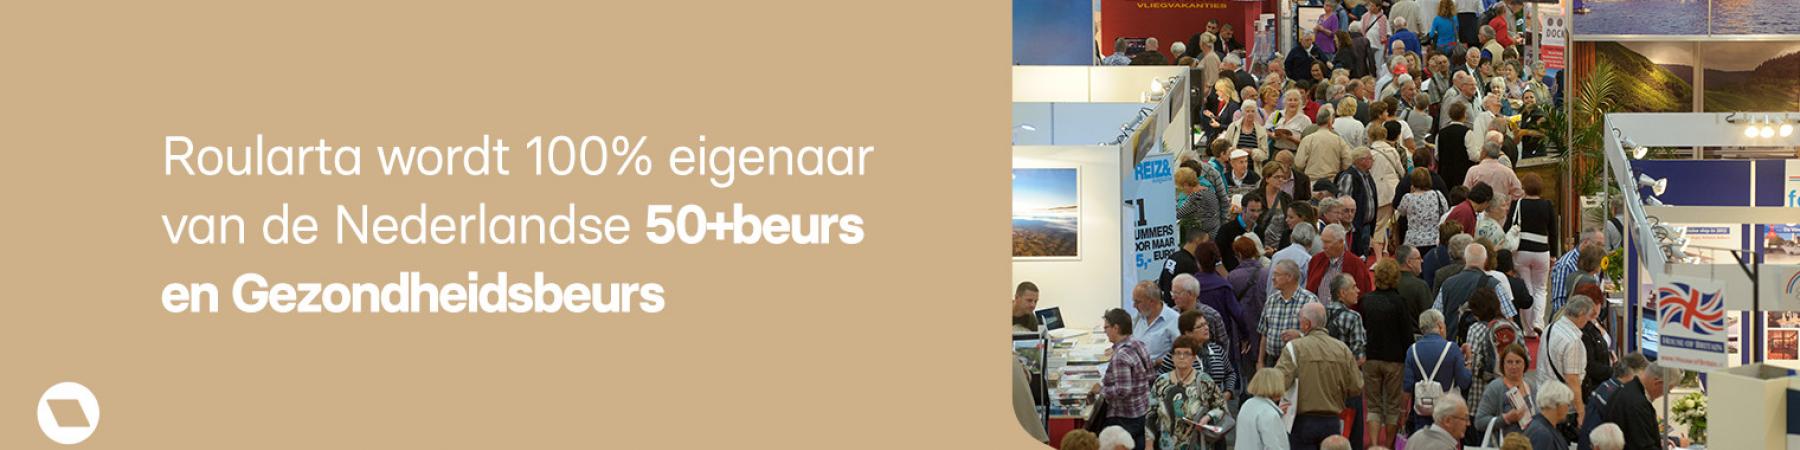 Roularta wordt 100% eigenaar van de Nederlandse 50+beurs en Gezondheidsbeurs